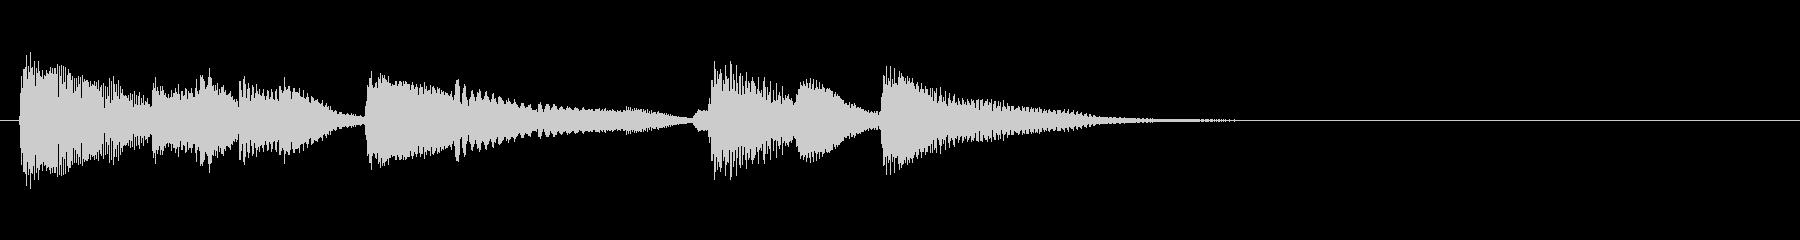 朝のニュース風〜爽やかなピアノジングルの未再生の波形